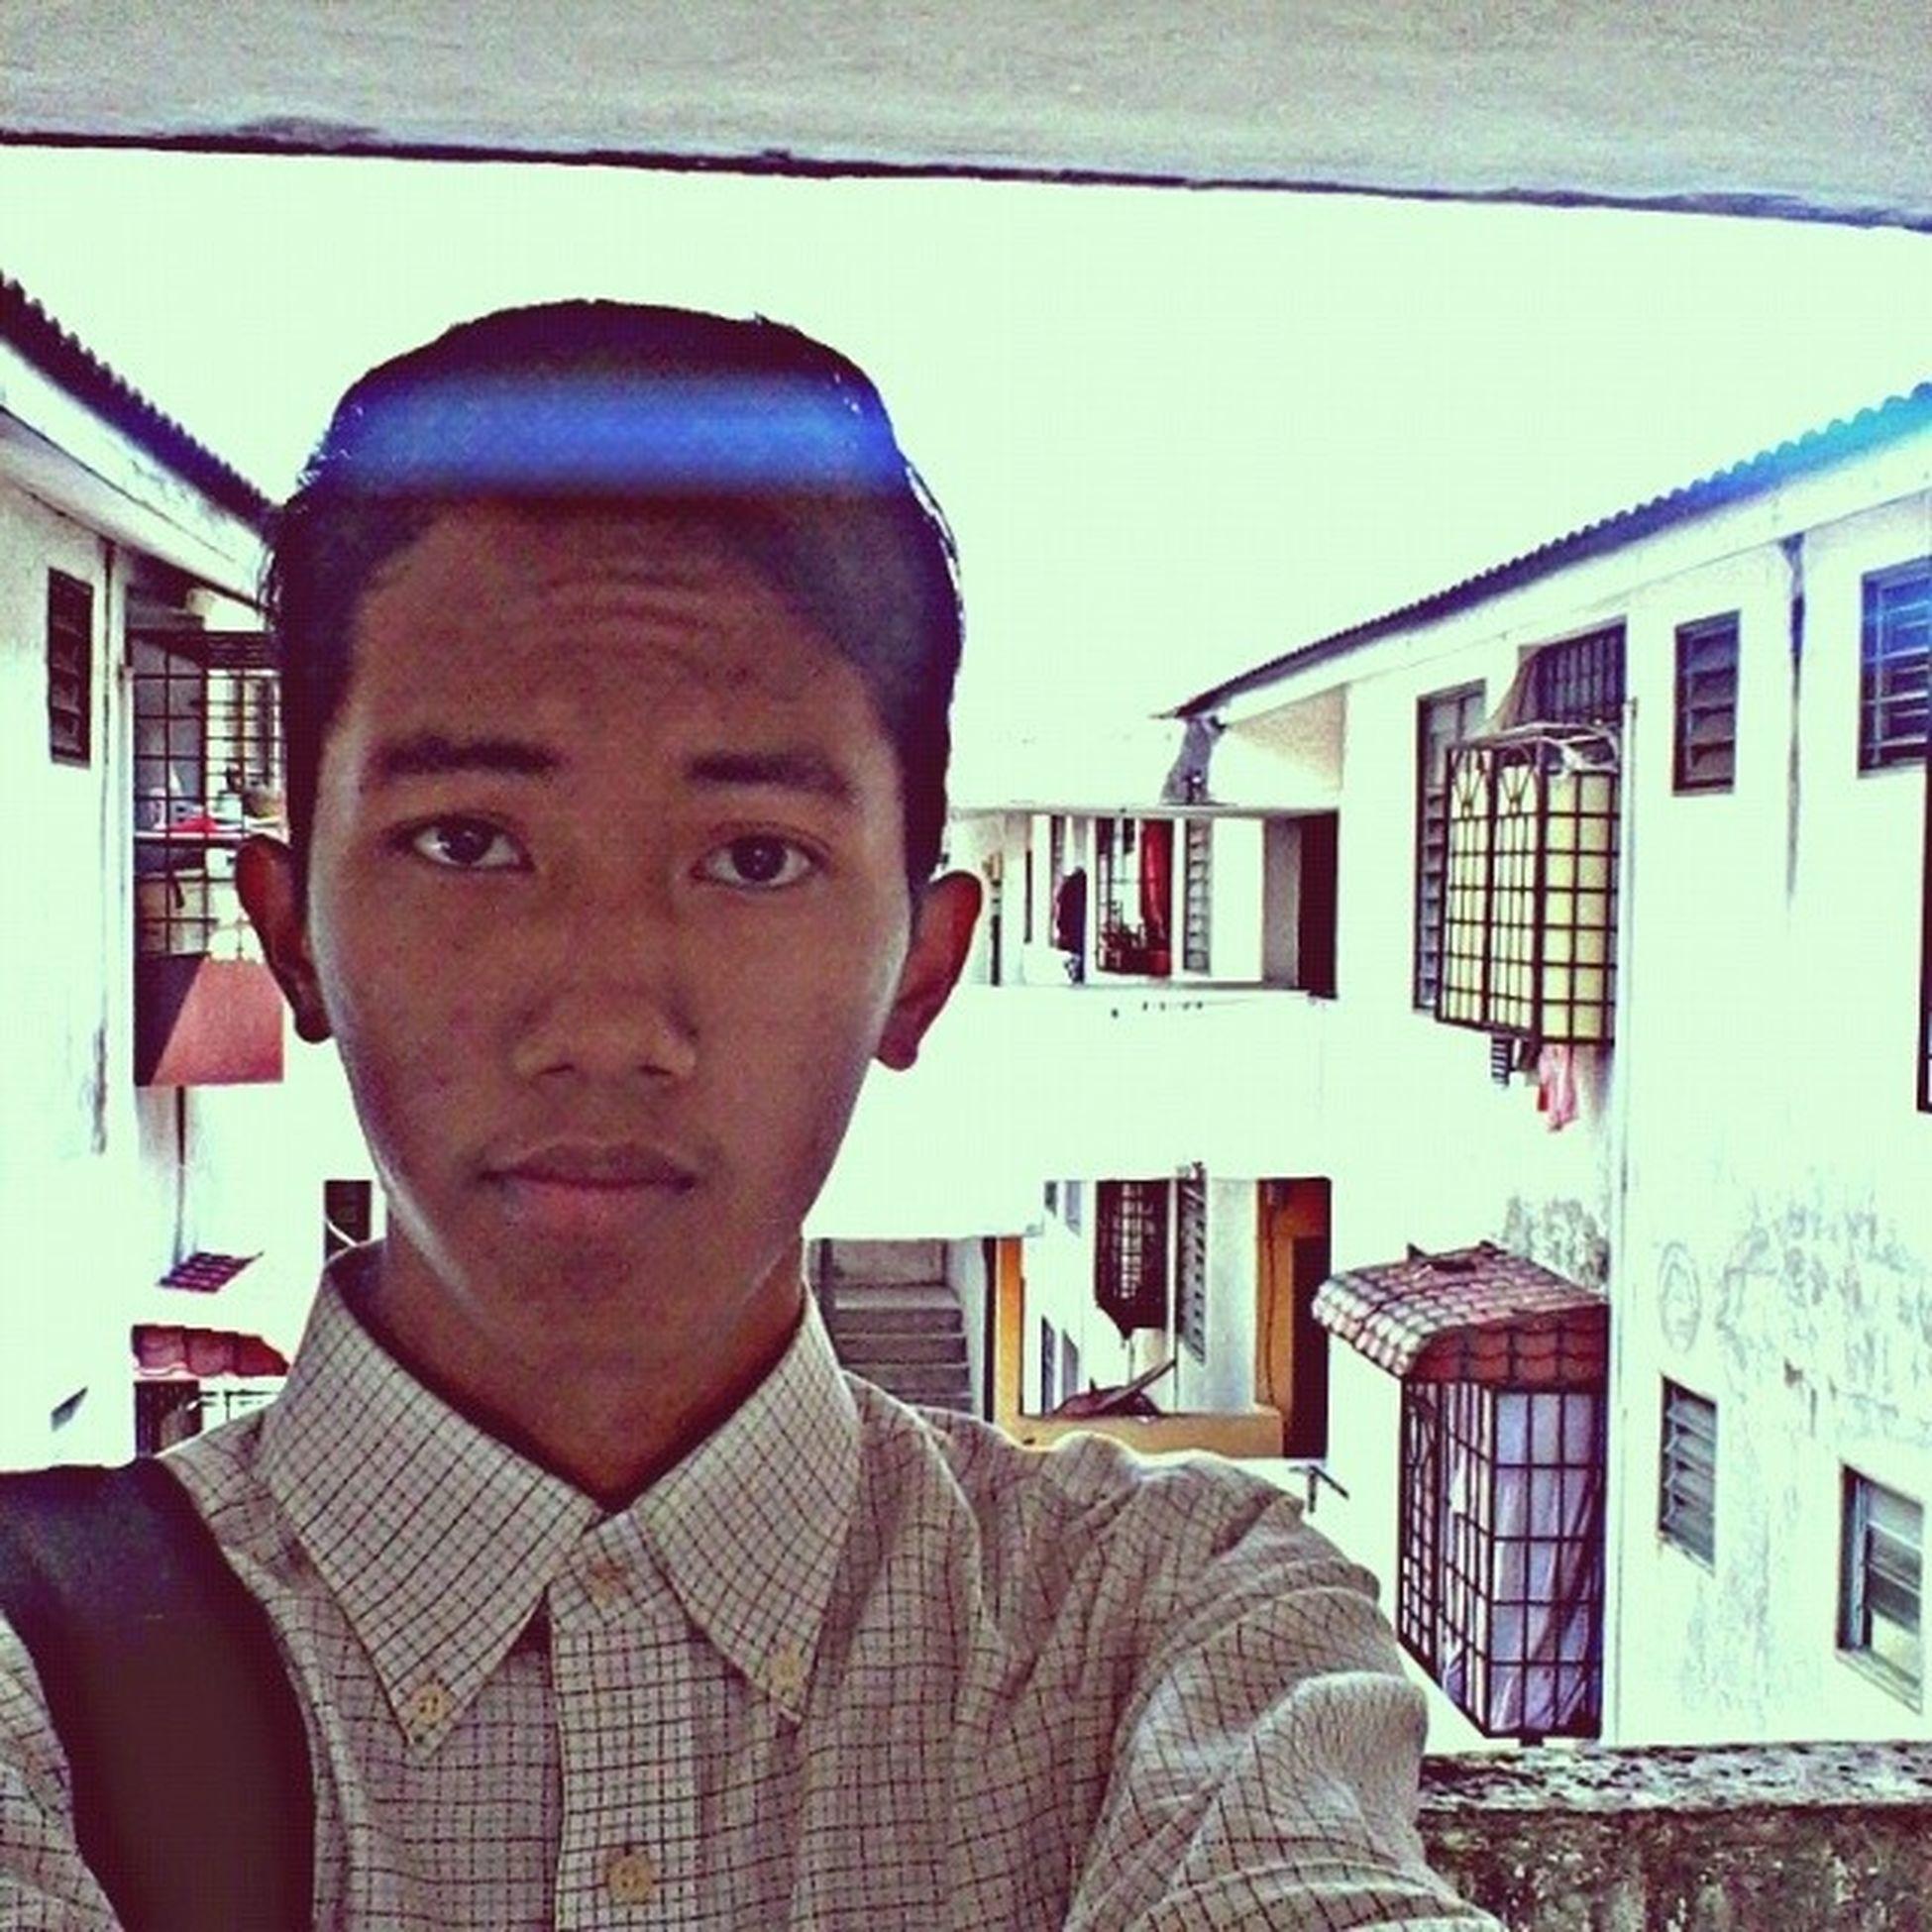 at rumah lama. SiantanApartment BlokD PutraPerdana Puchong